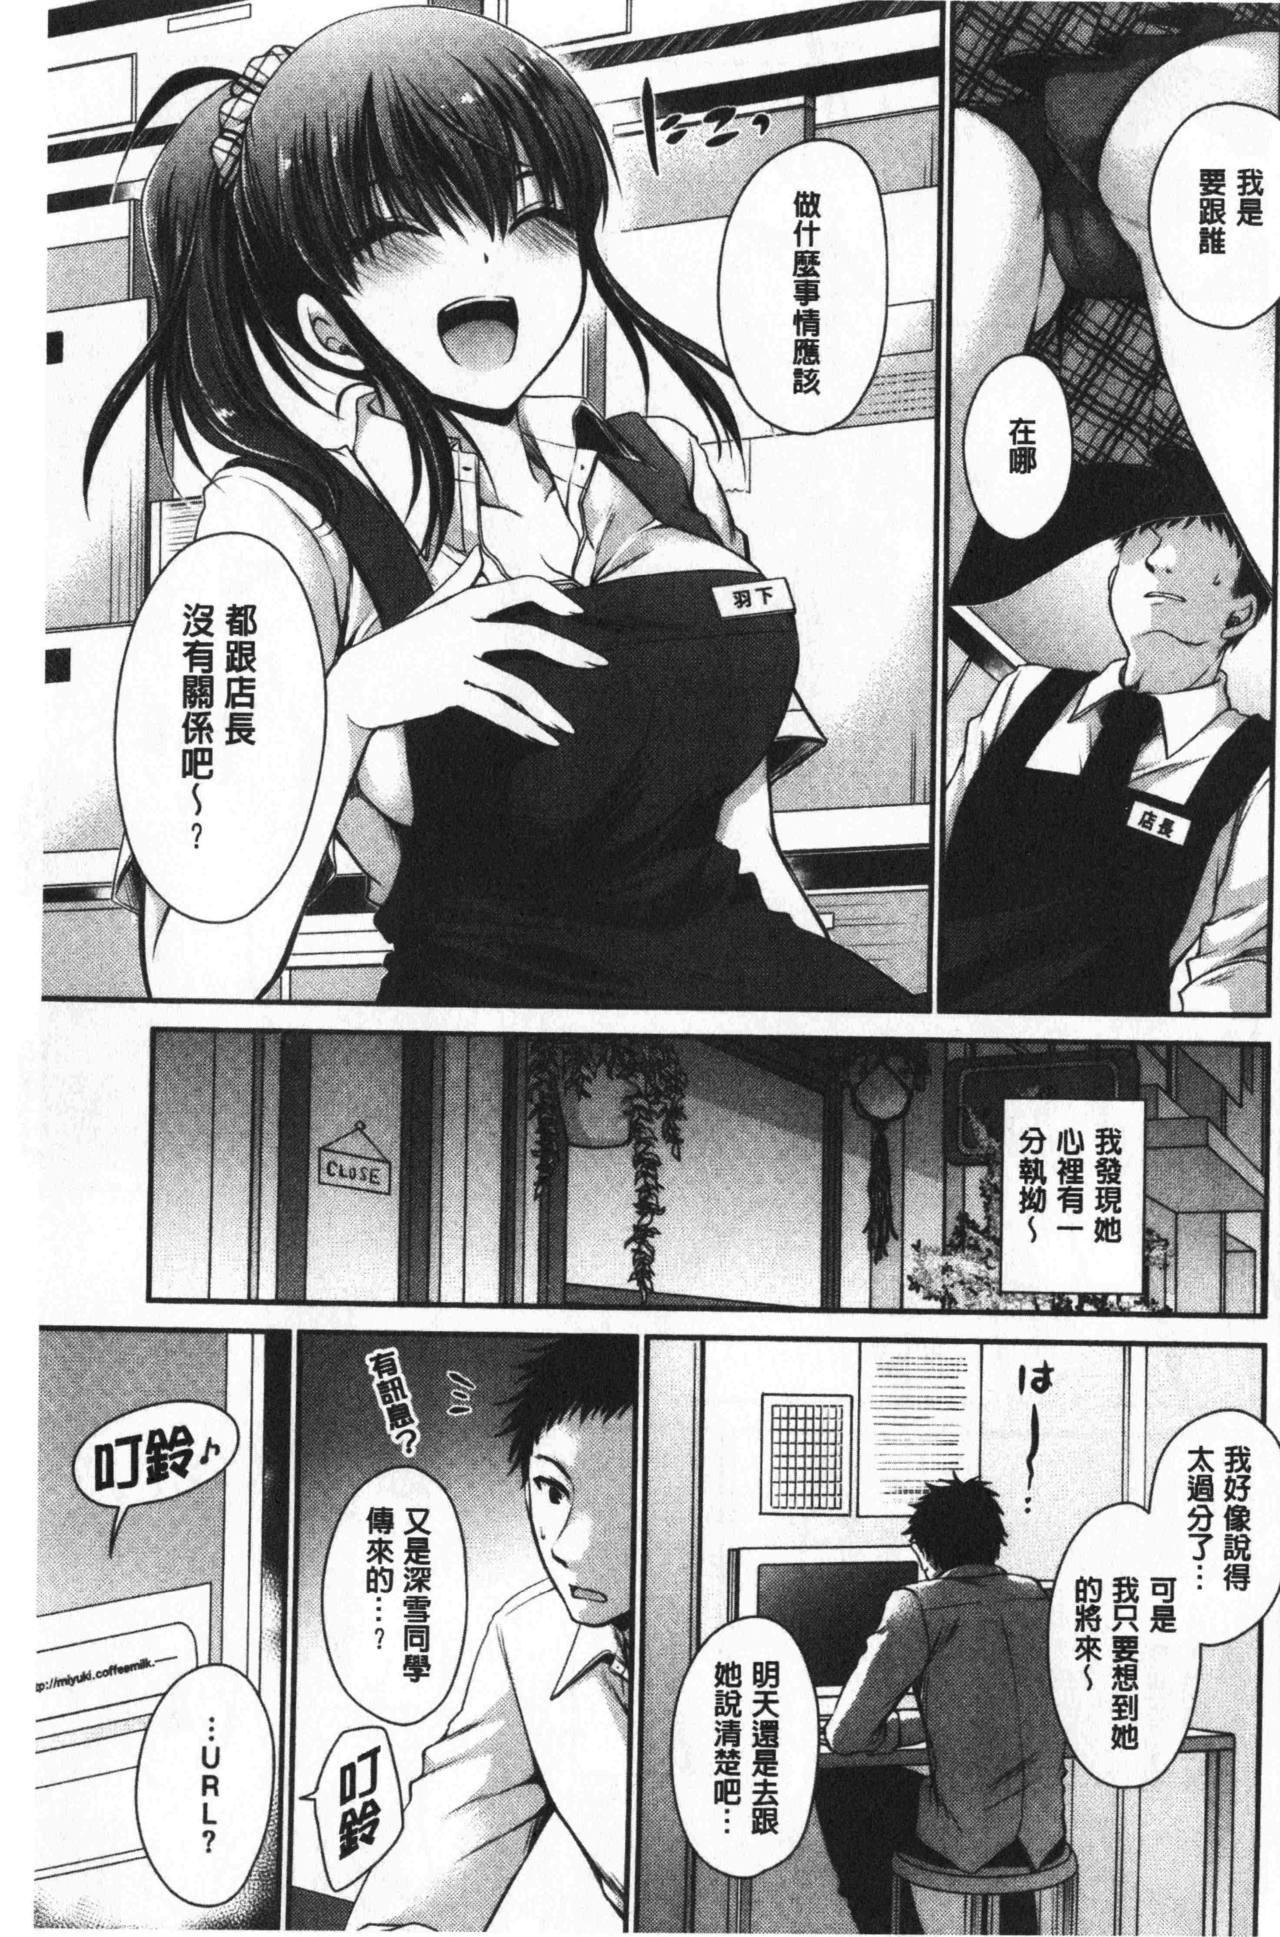 Doku Aru Hana no Amai Mitsu   毒淫花的甘甜蜜 134